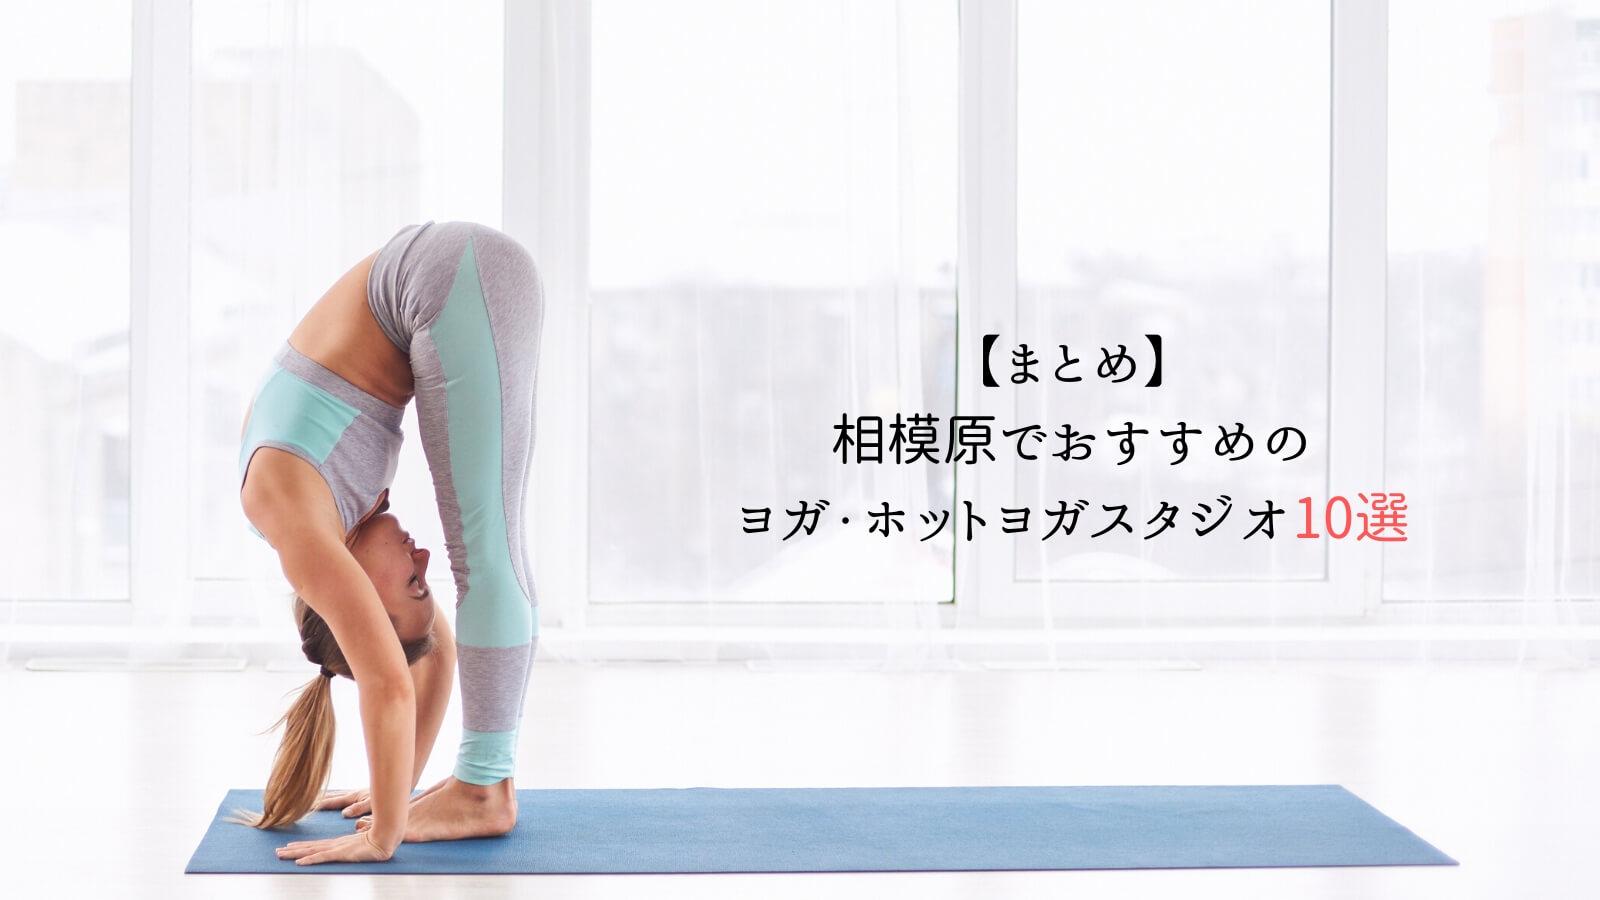 【まとめ】相模原でおすすめのヨガ・ホットヨガスタジオ10選